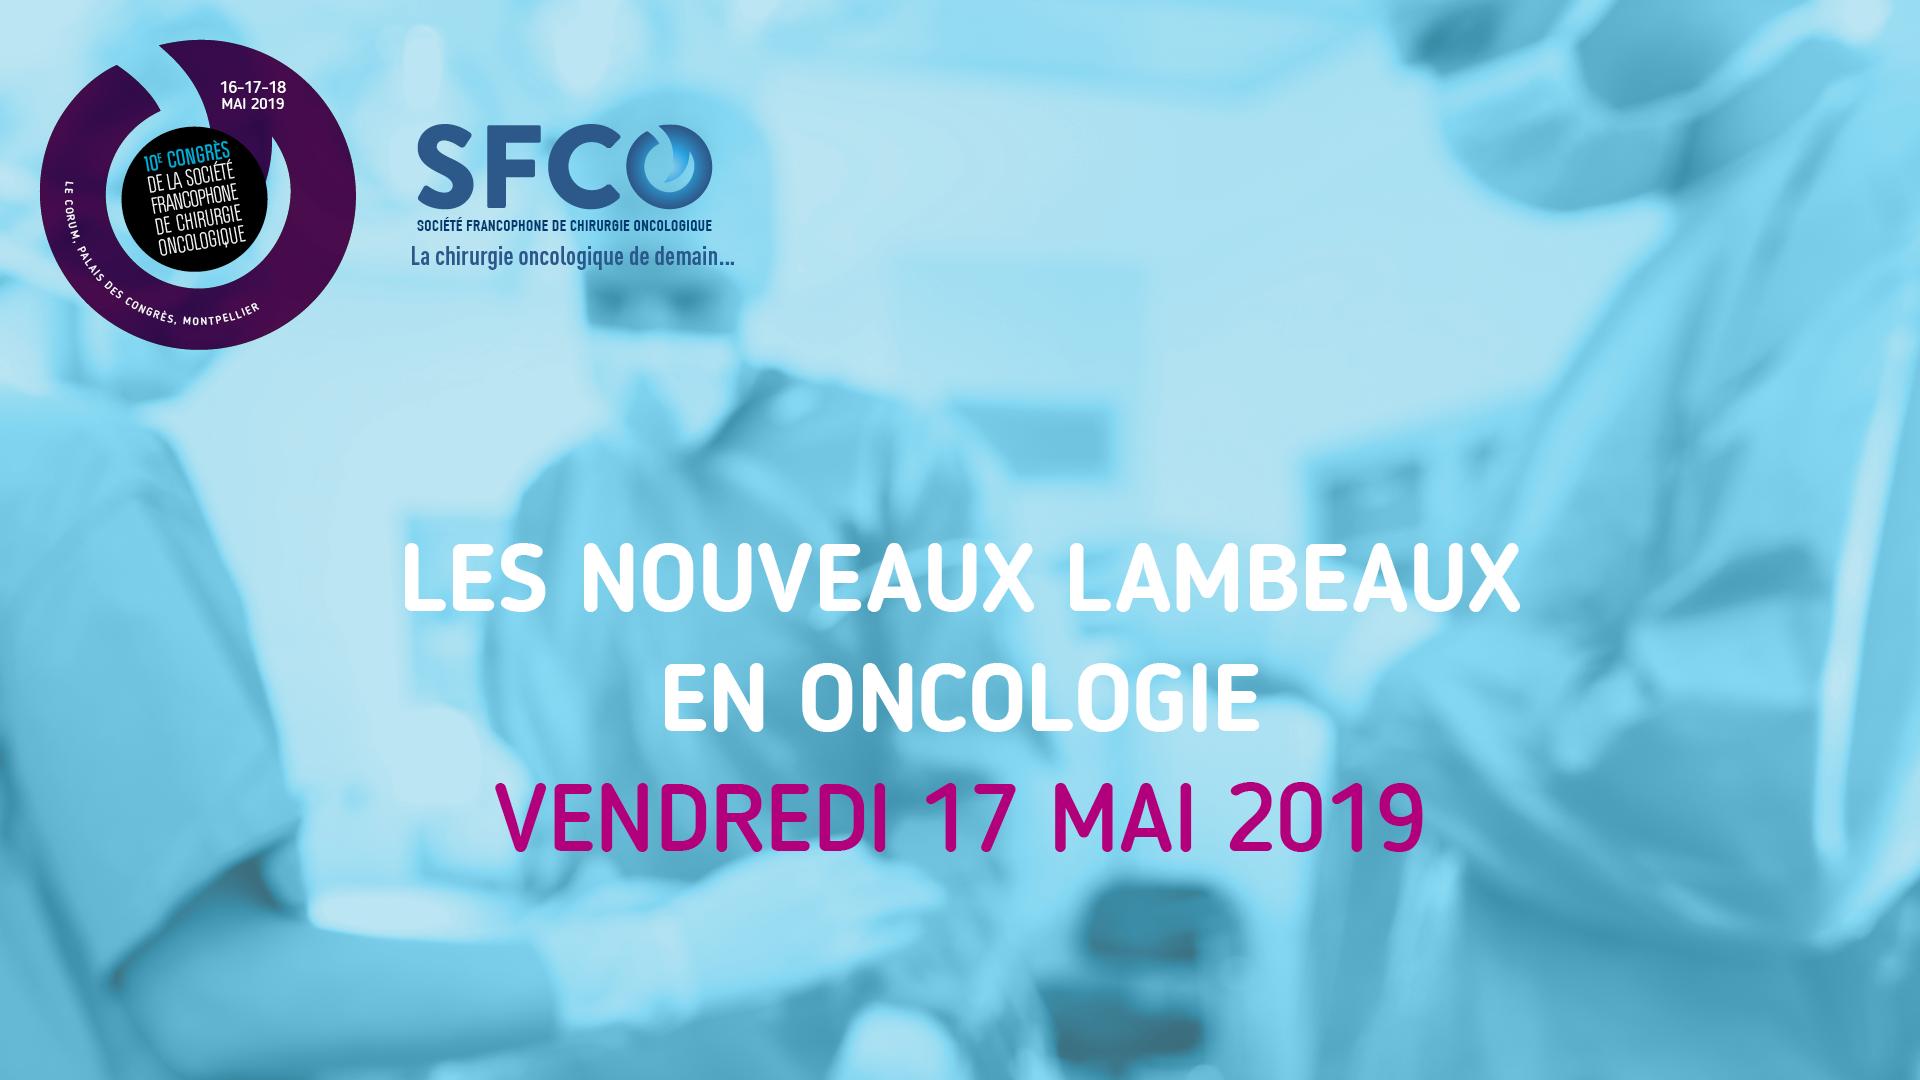 SFCO 2019 : LES NOUVEAUX LAMBEAUX EN ONCOLOGIE